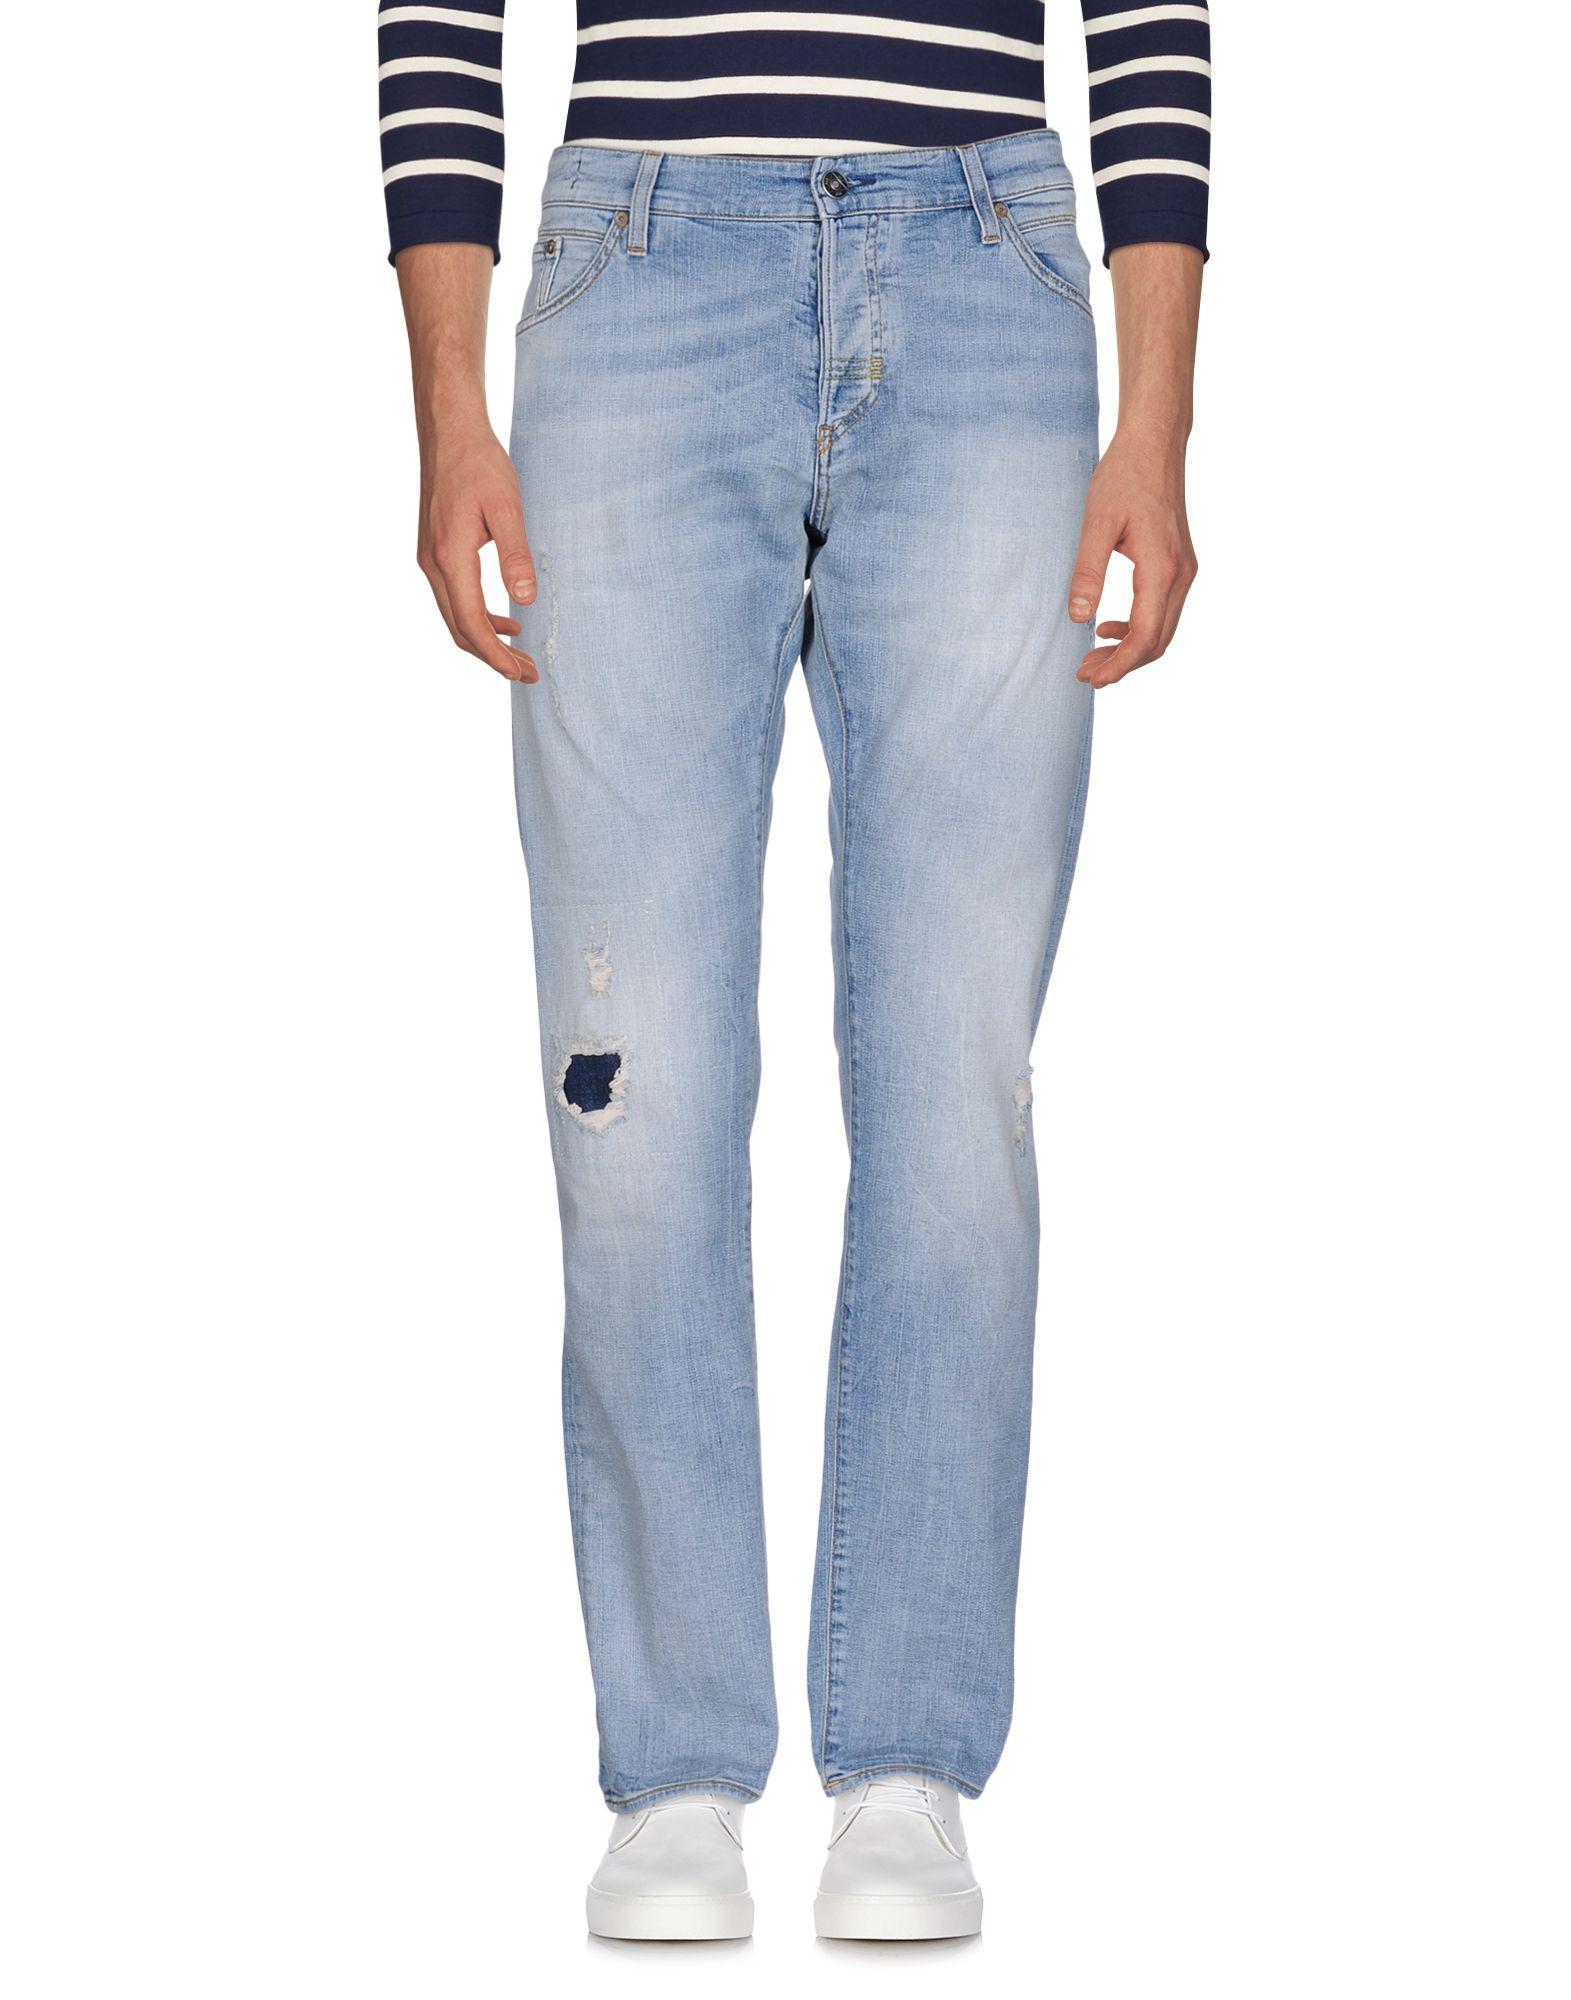 MELTIN POT Джинсовые брюки женские брюки лэйт светлый размер 56